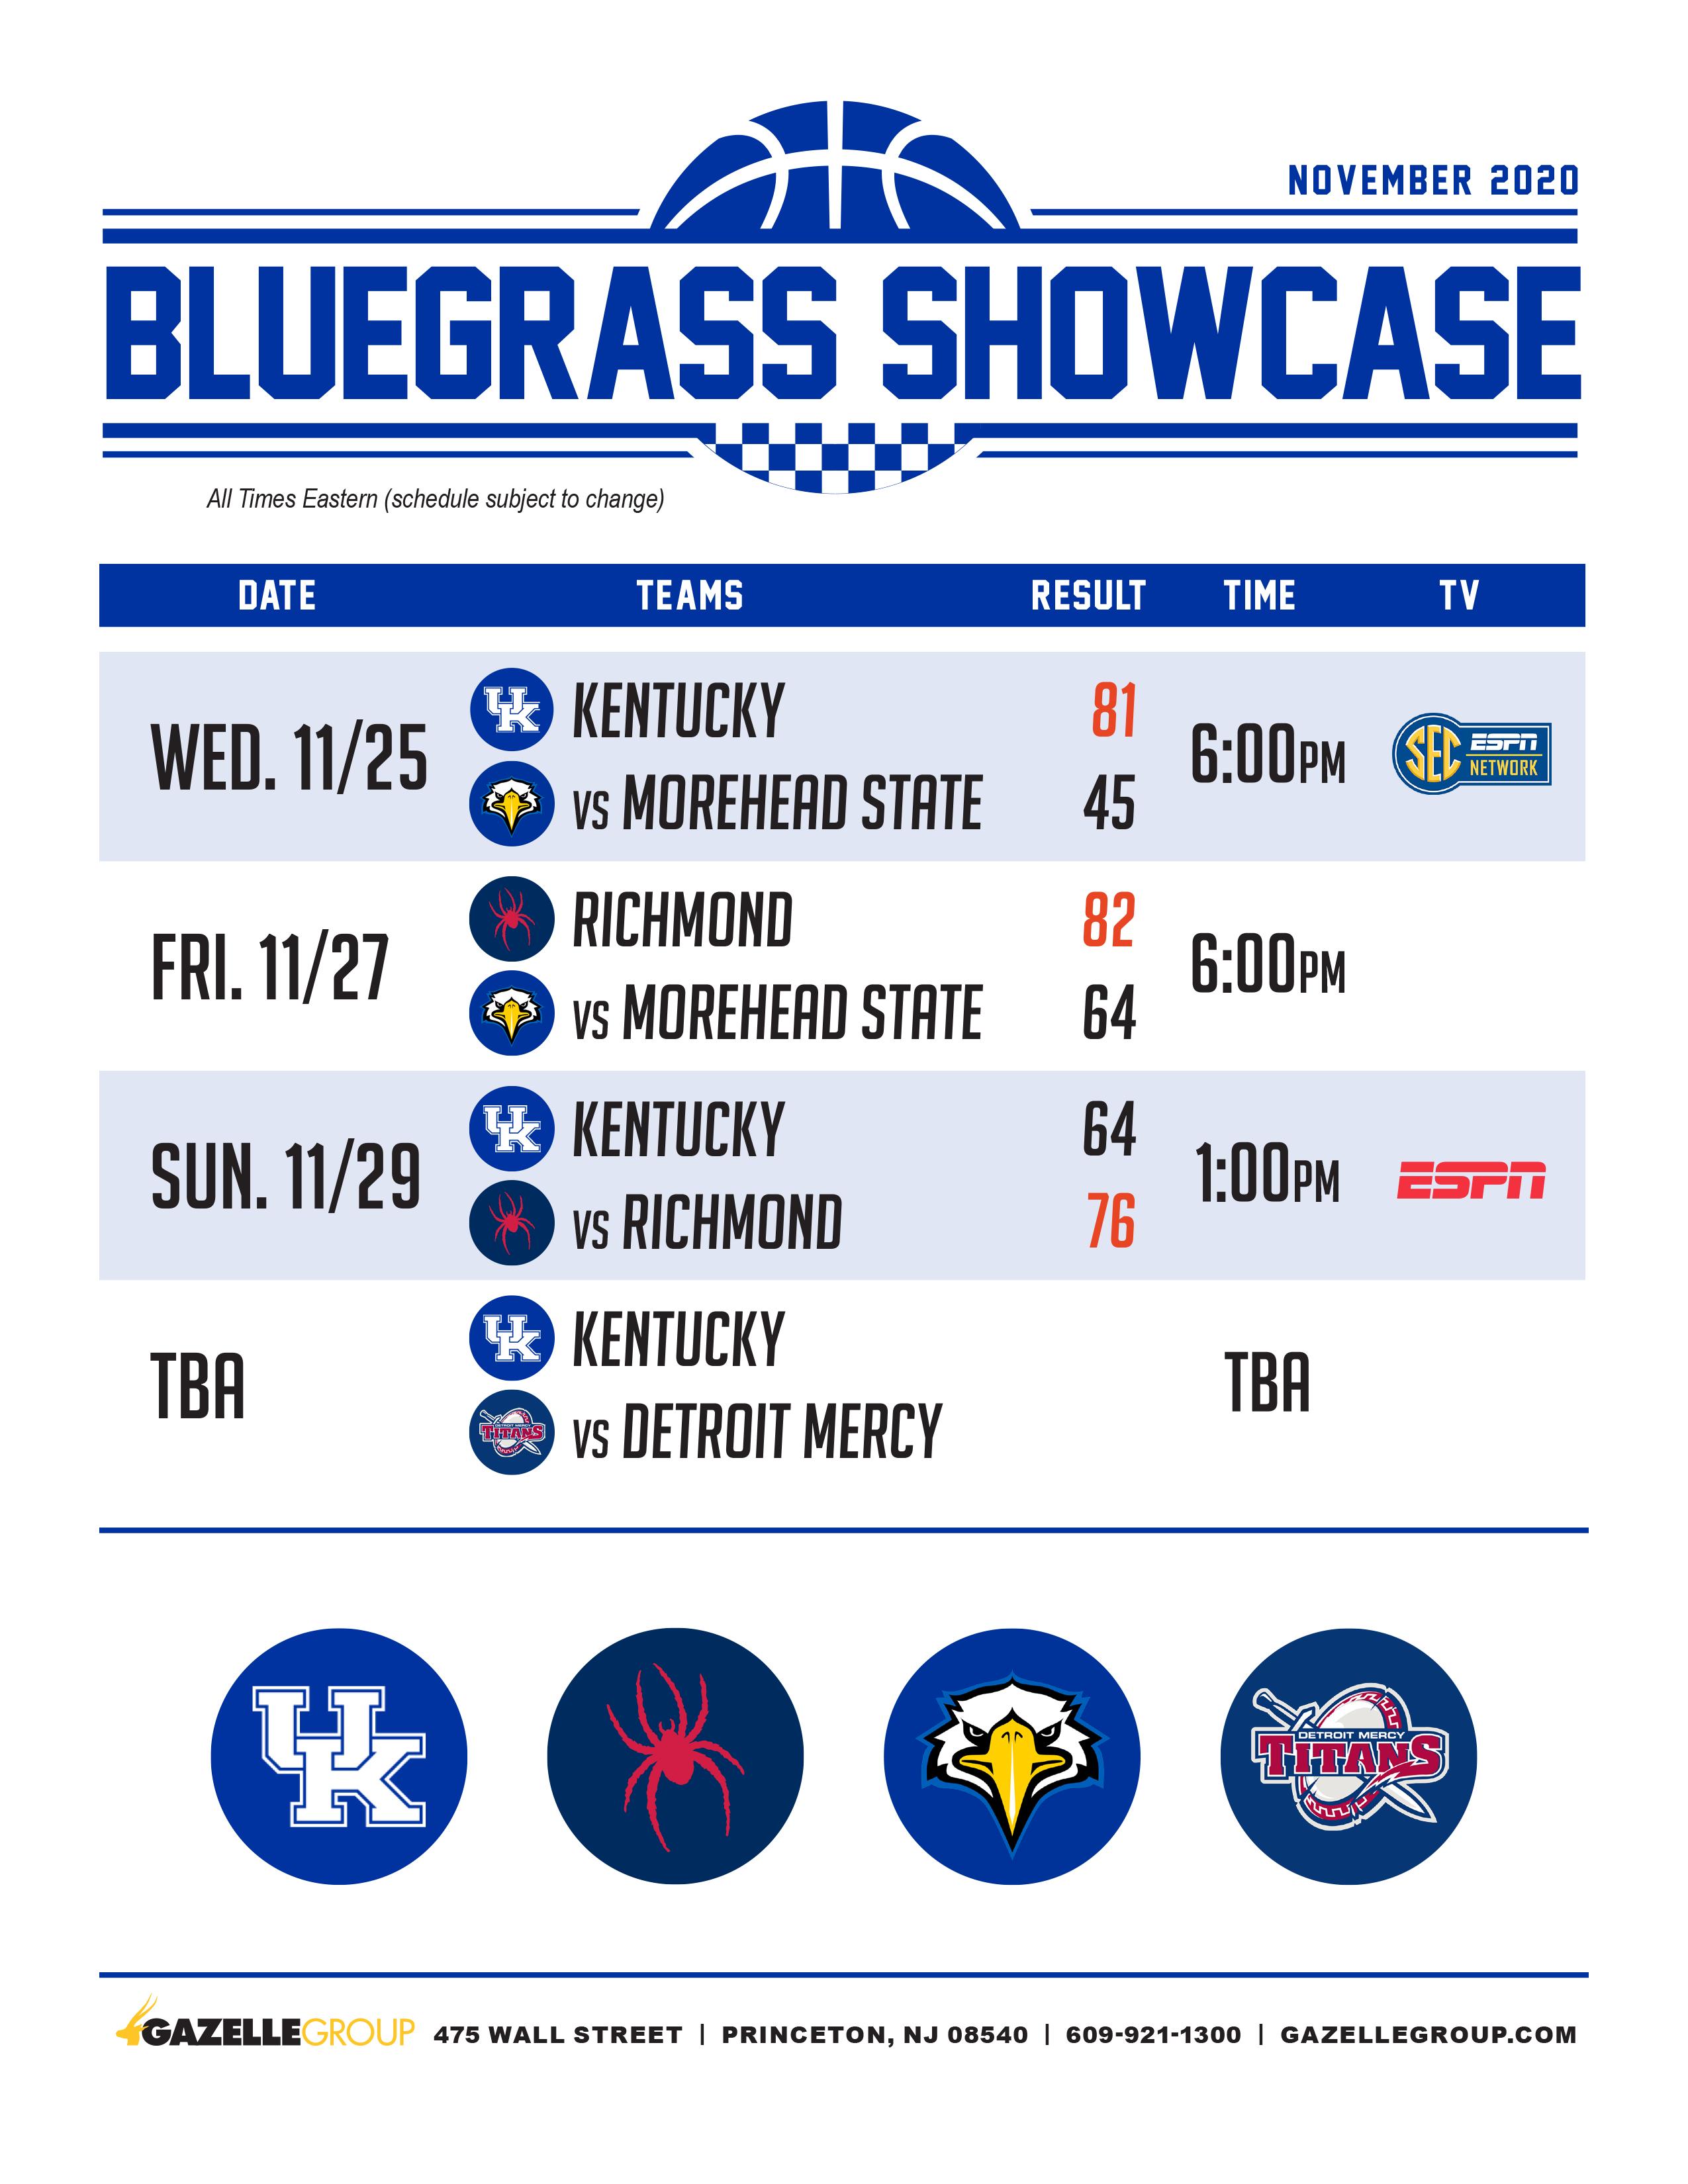 Bluegrass Showcase Schedule